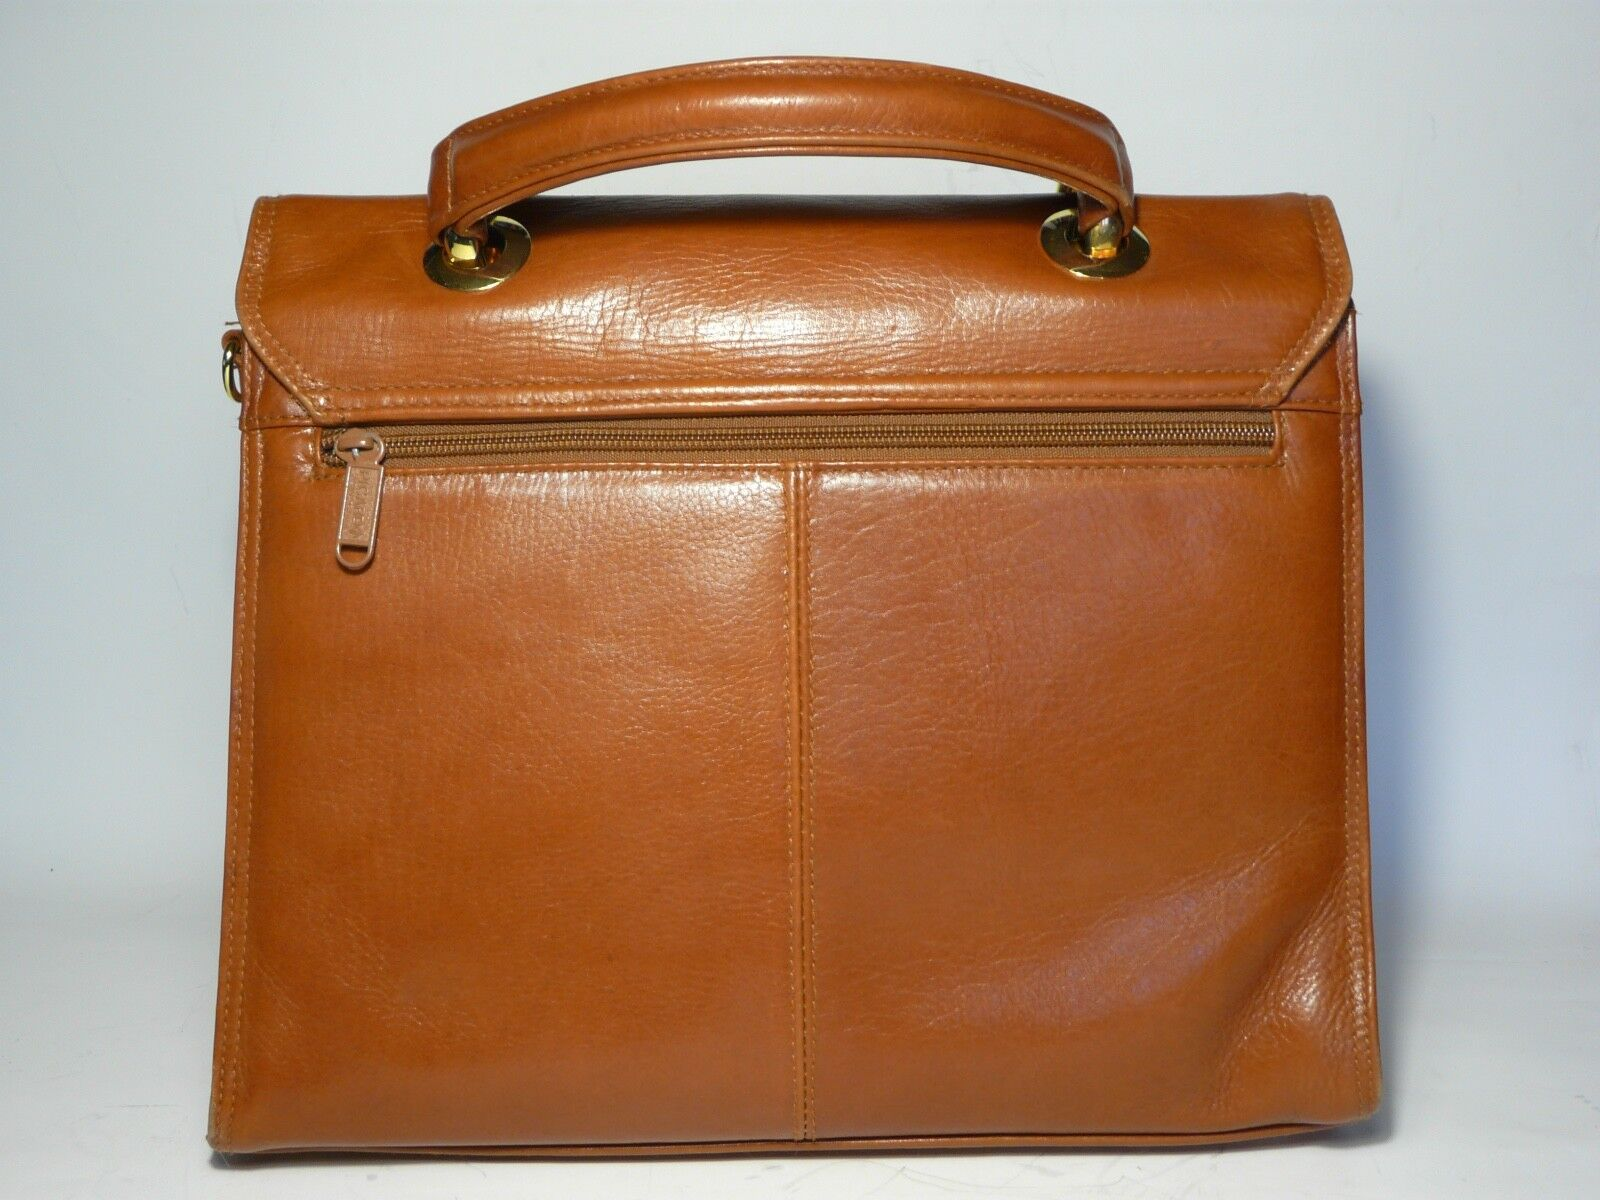 a5c0573ce4ac2 ... Picard Tasche Handtasche Damen Leder braun braun braun neuwertig Made  in Germany 03cec3 ...